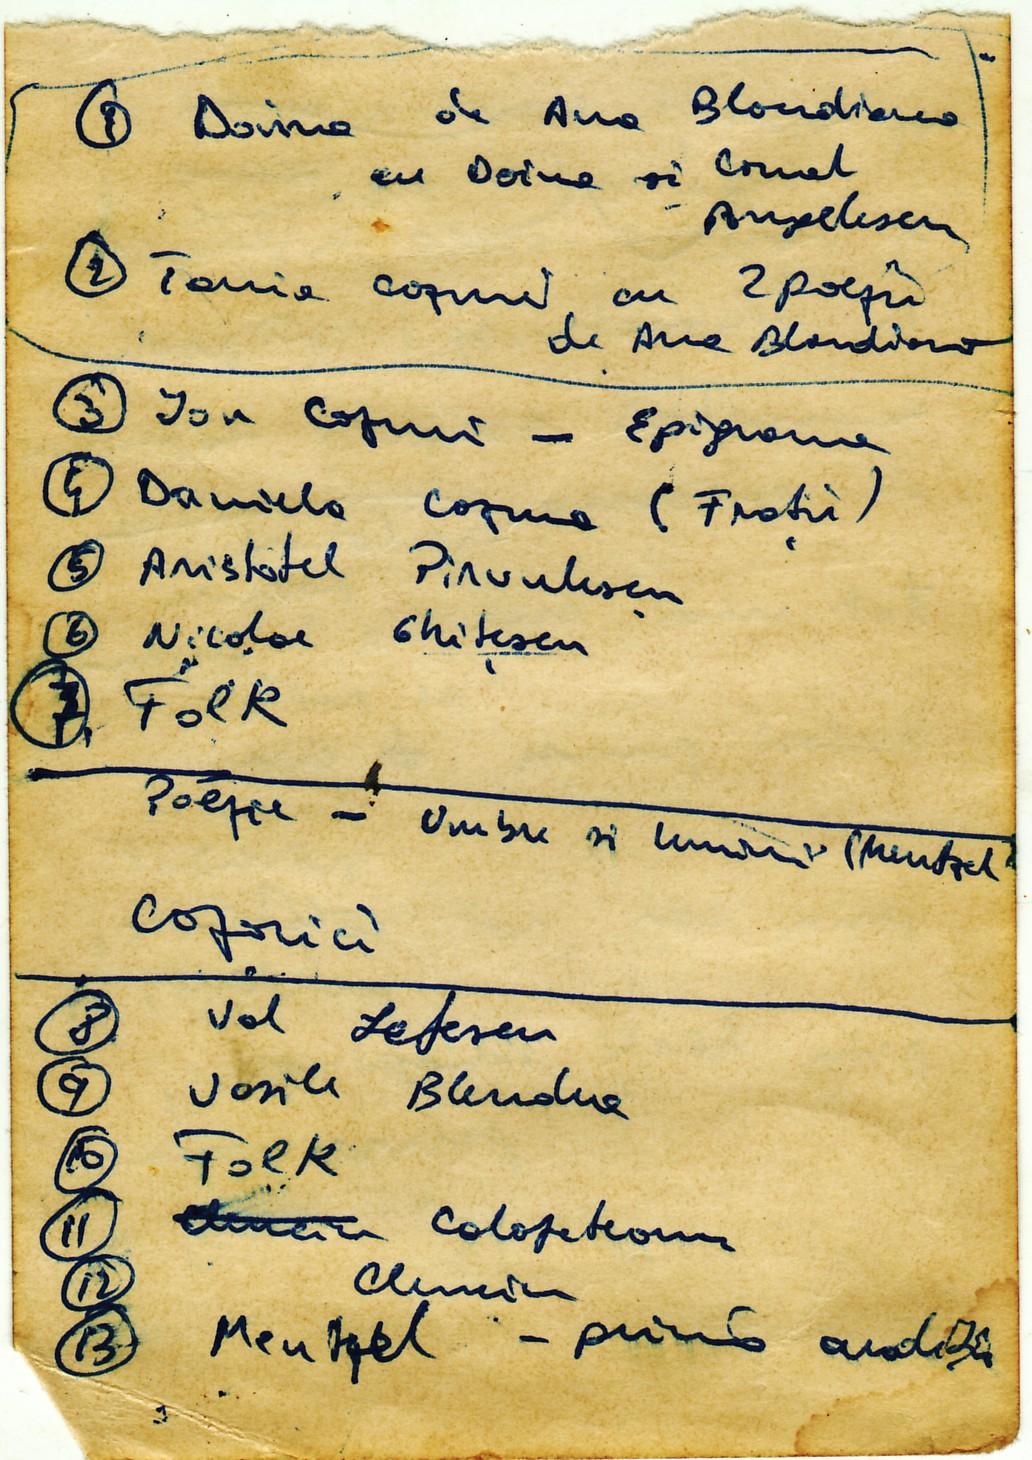 Schiţa de scenariu pentru sărbătorirea lui Gheorghe Cozorici